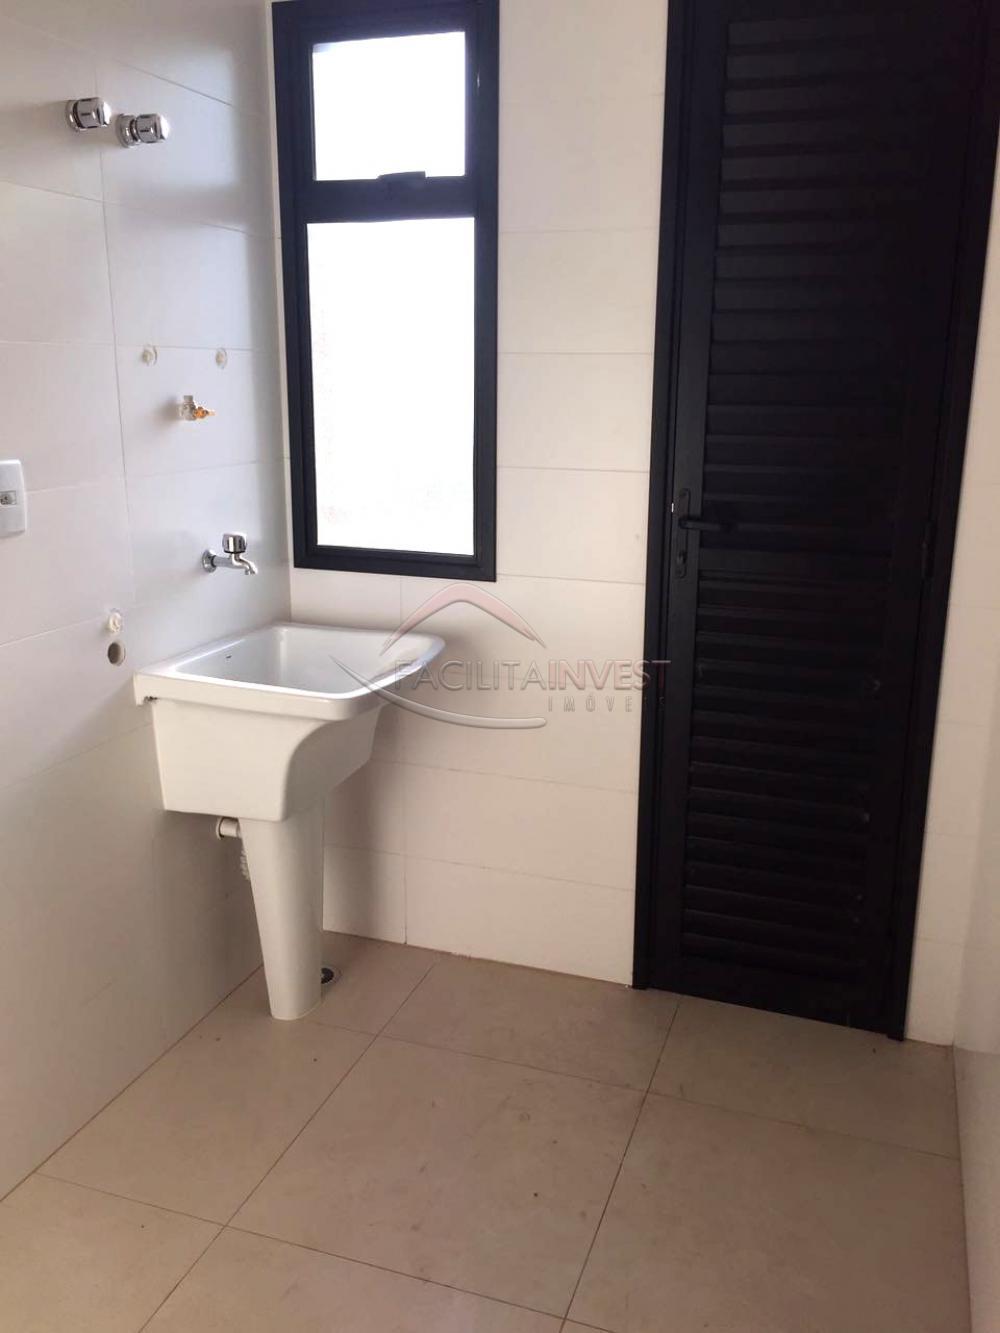 Comprar Apartamentos / Apart. Padrão em Ribeirão Preto apenas R$ 530.000,00 - Foto 13